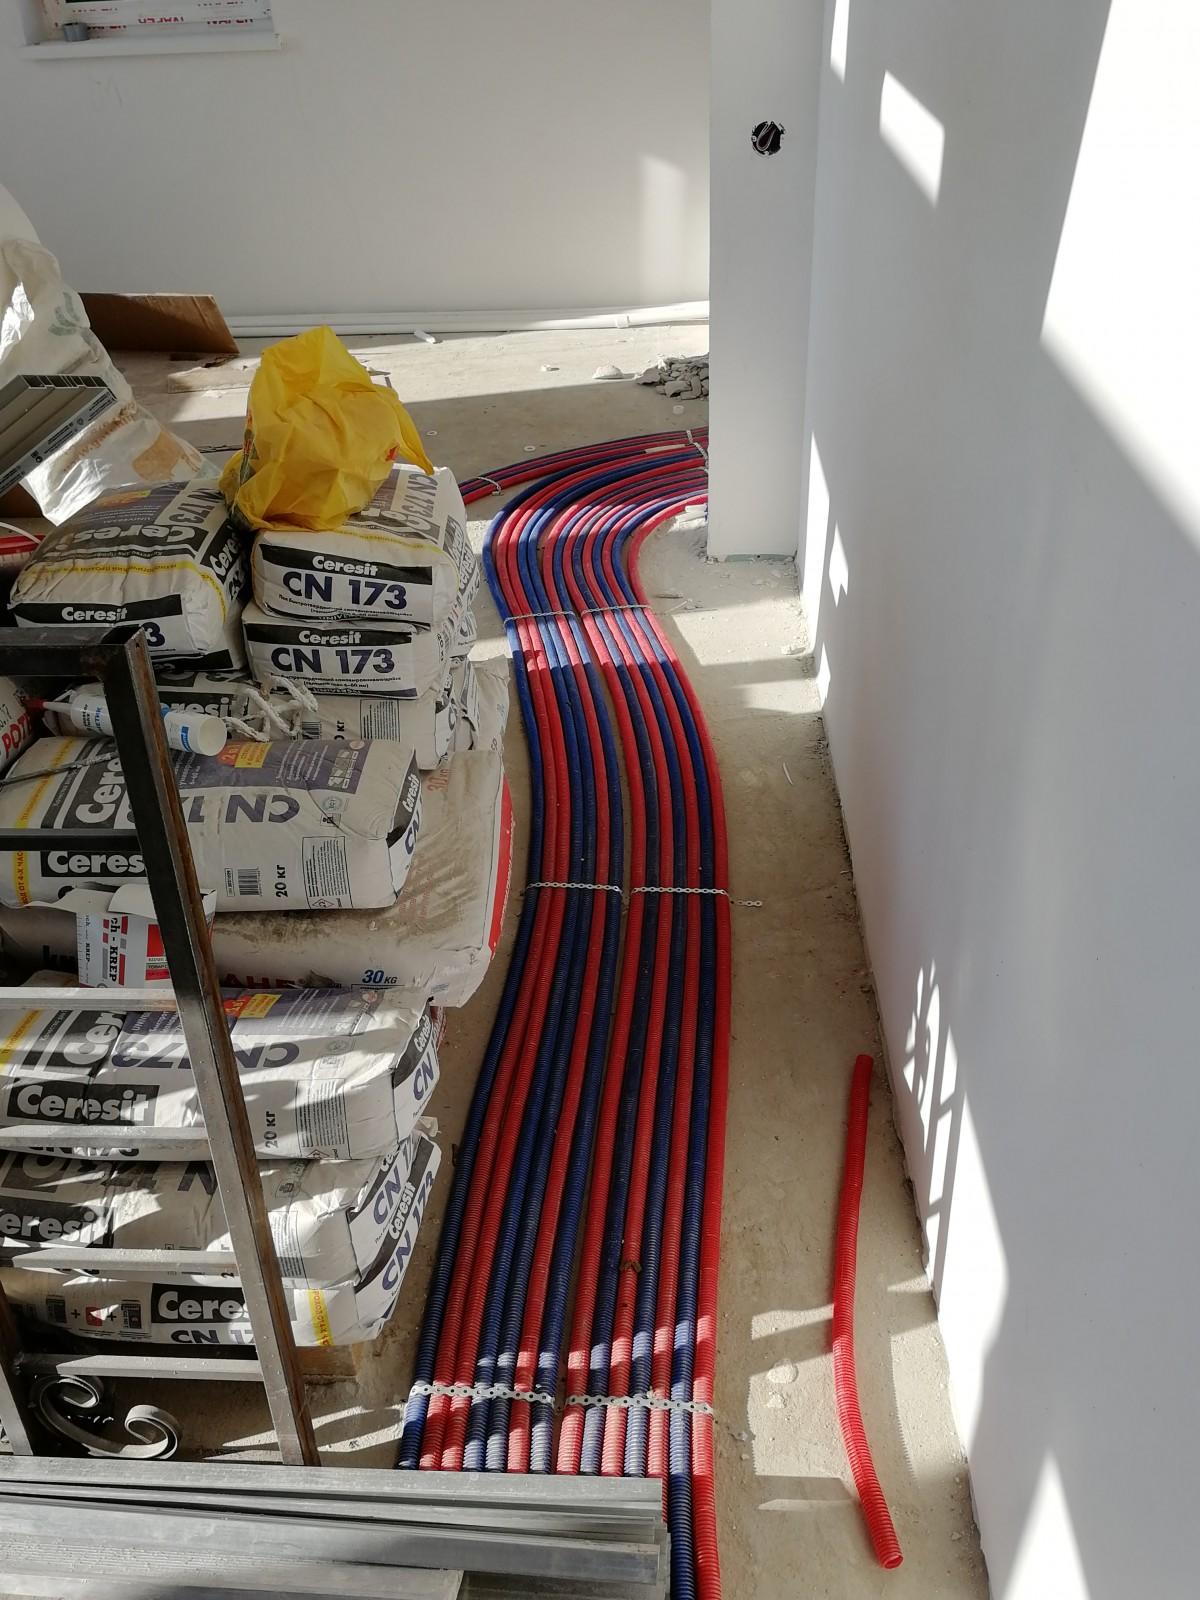 Монтаж системы отопления, ГВС, ХВС, канализации и монтаж газгольдера в частном доме п. Назия